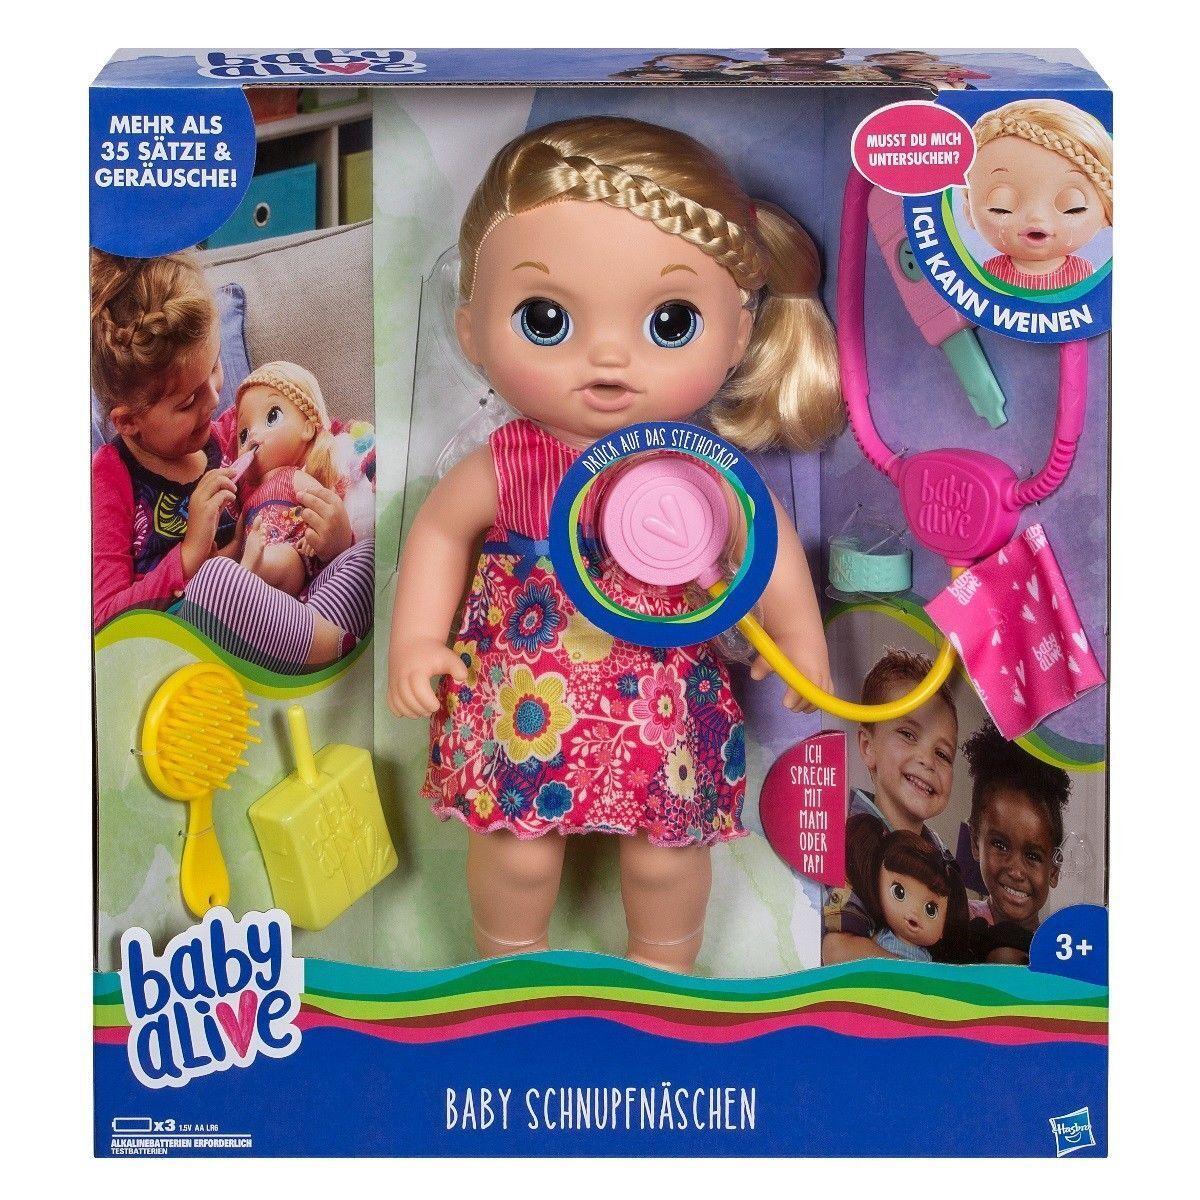 Orig. Hasbro >>> Baby Alive Schnupfnäschen <<< 35 cm / DEUTSCH